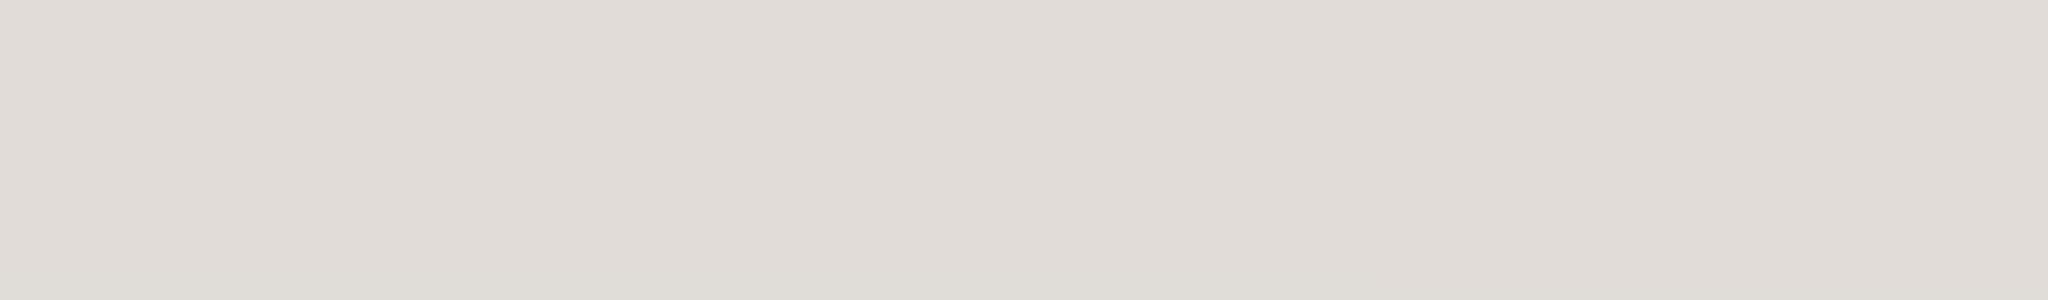 HU 127529 canto acrílico 3D beige TopMatt